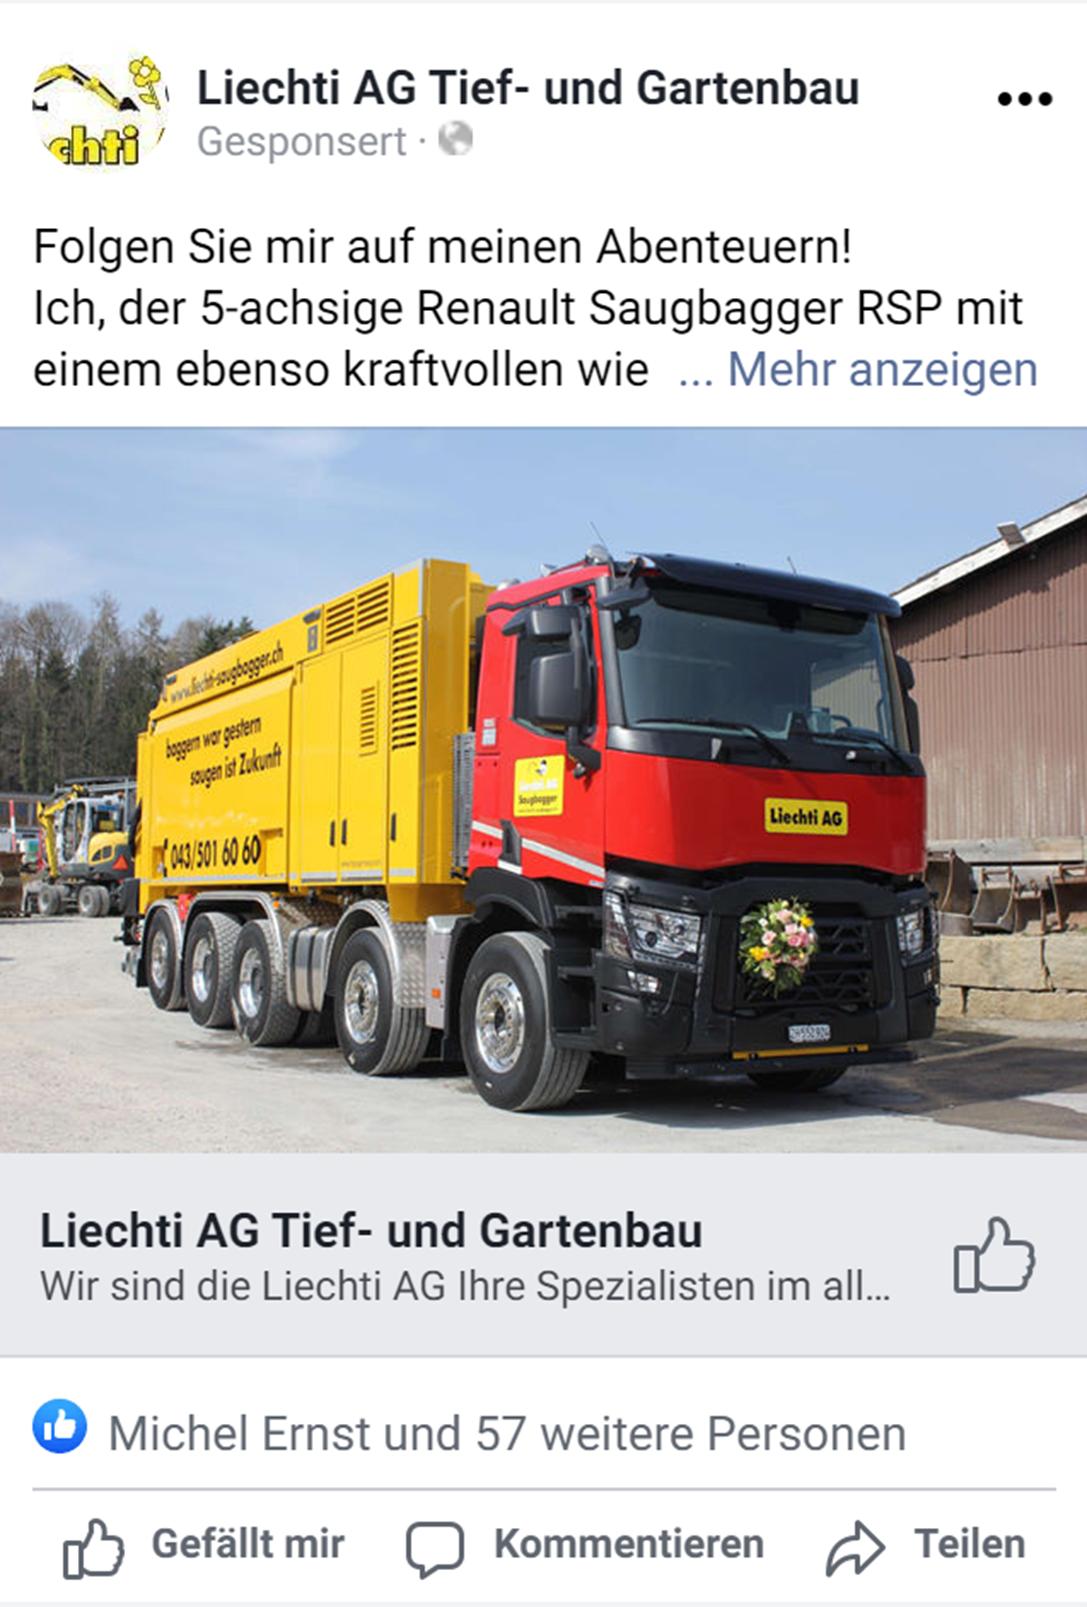 Facebook - Liechti AG